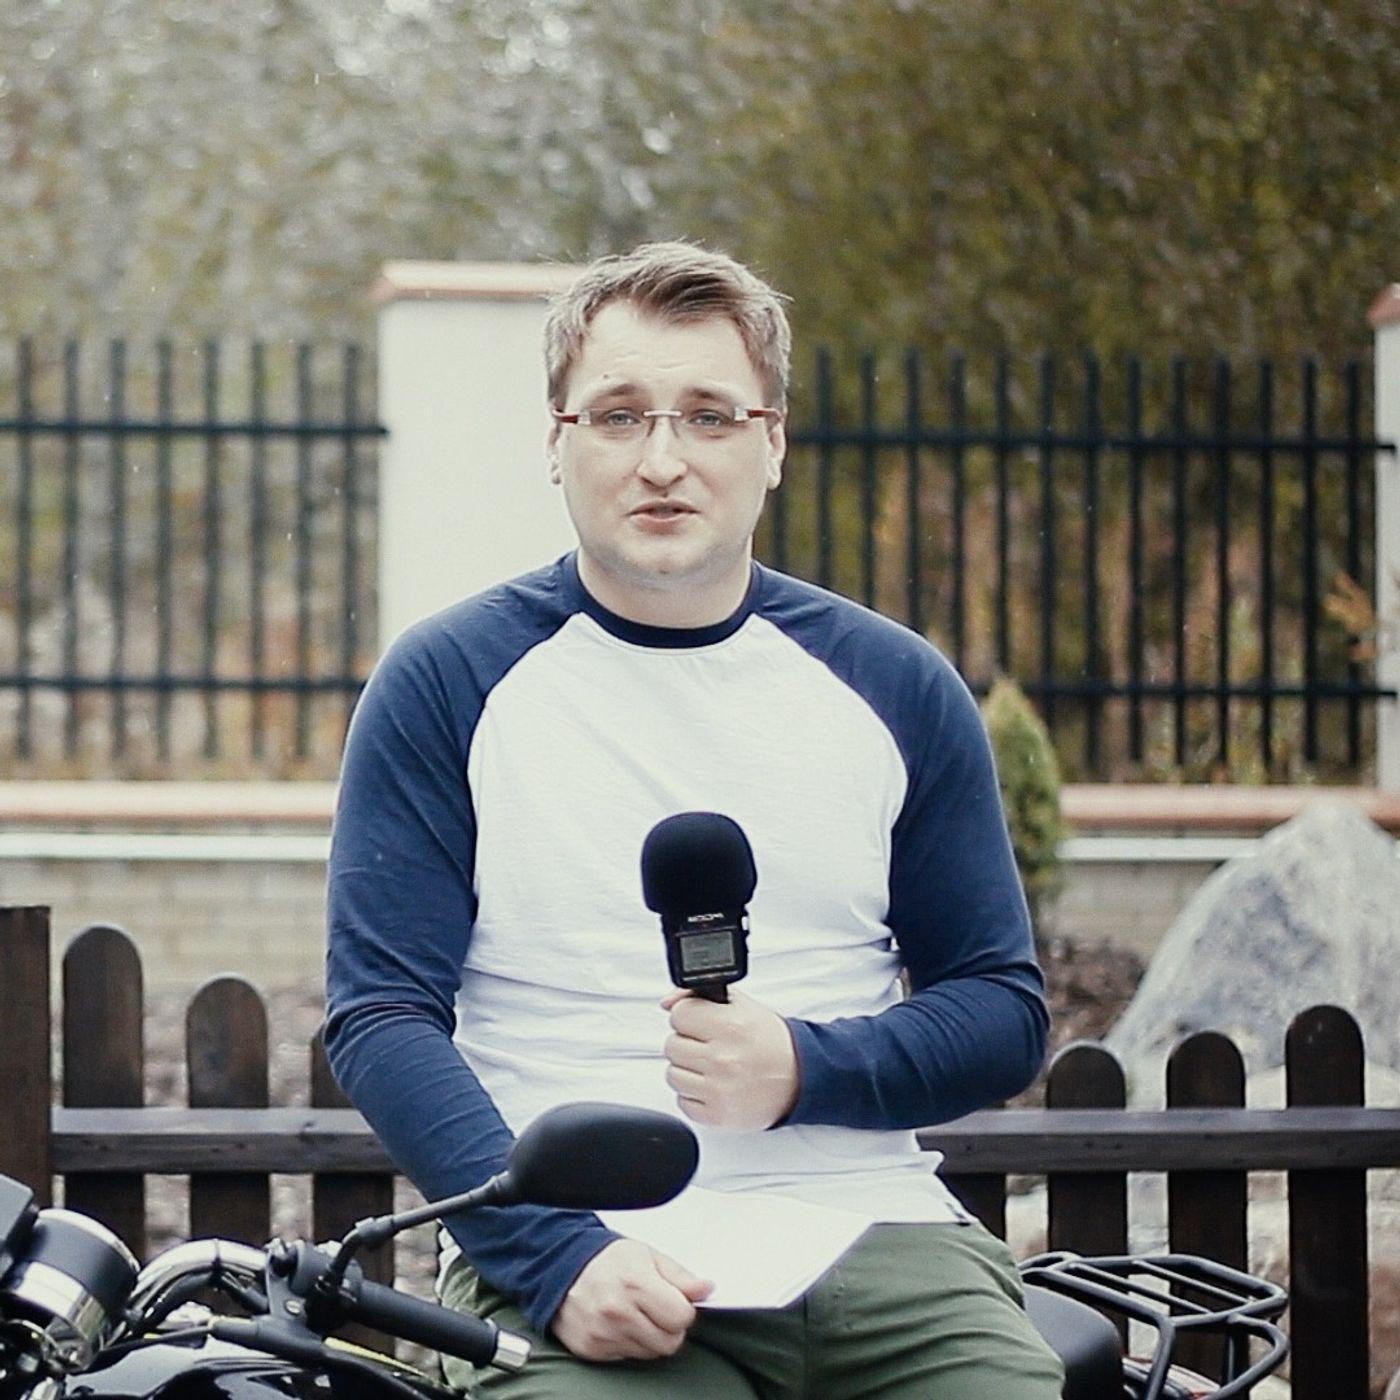 Podstawy: Jak zacząć jeździć na rowerze i biegać? Postanowienia noworoczne i odchudzanie (5)